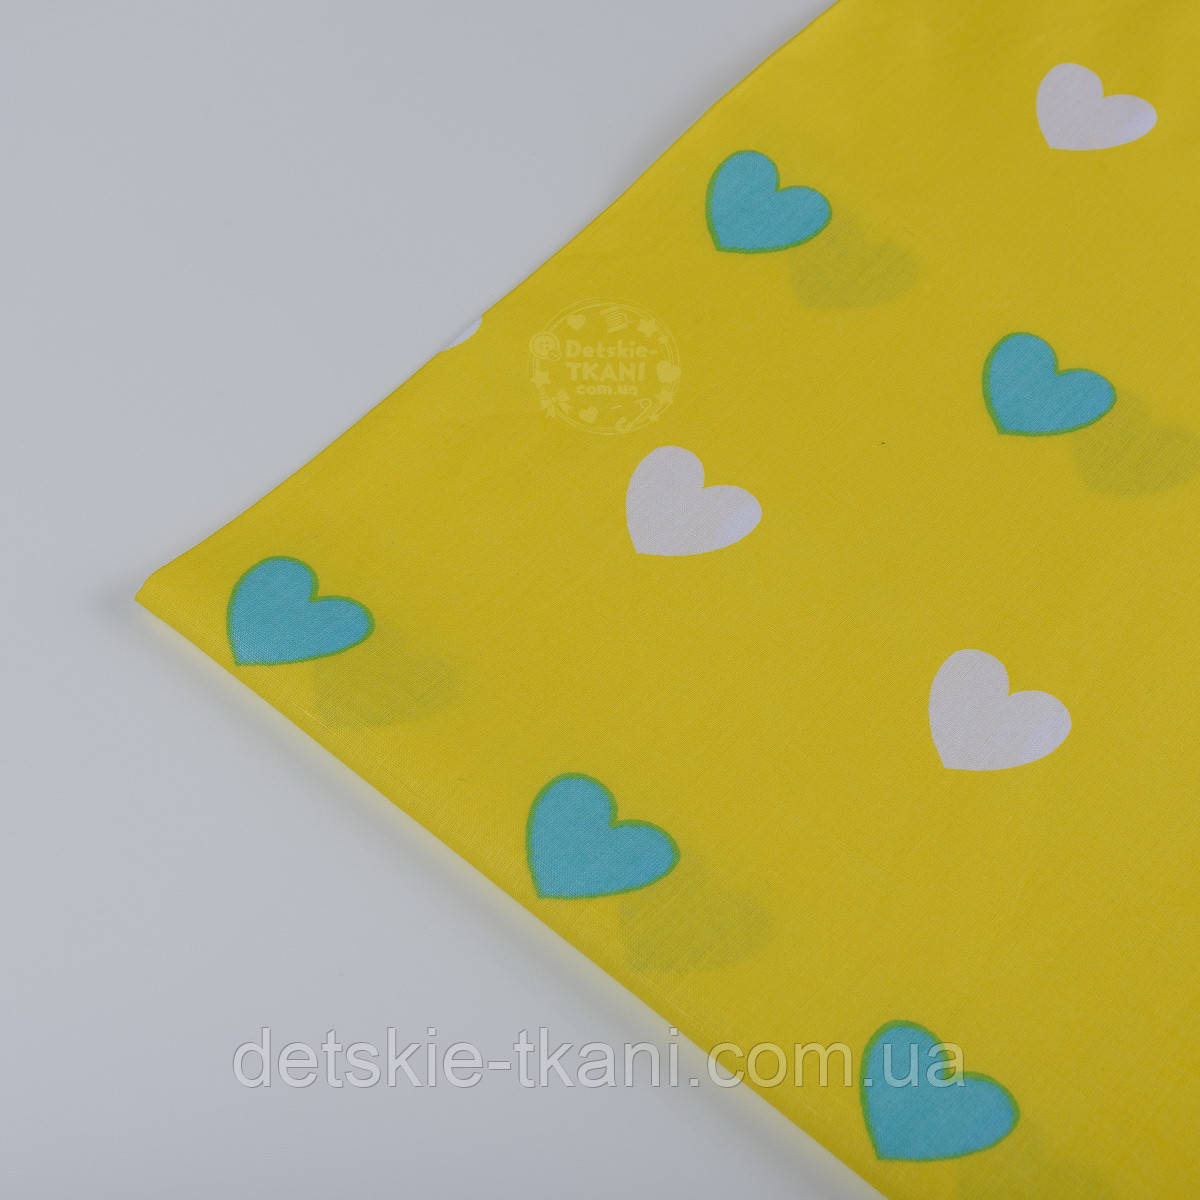 Лоскут ткани №392а с бирюзовыми и белыми сердечками на жёлтом фоне